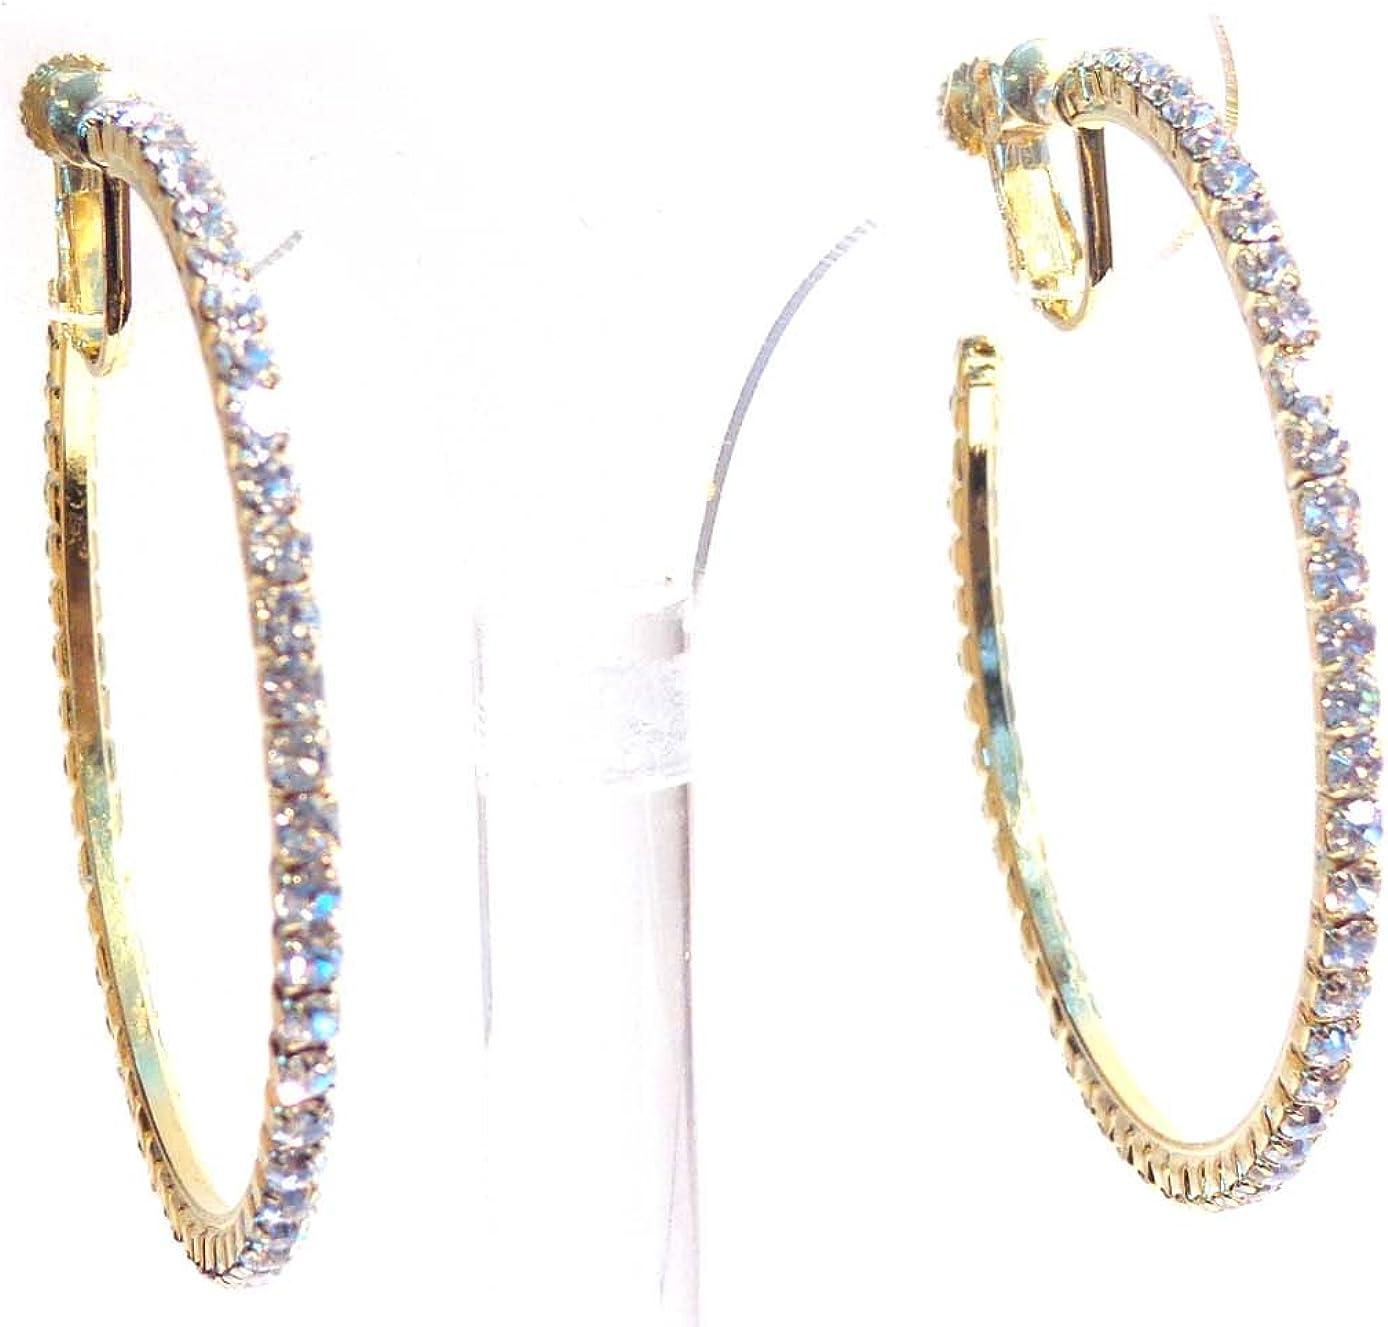 Clip-on Earrings Gold Tone Crystal Hoop Earrings 2 Inch Clip Hoop Earrings for Non Pierced Ears